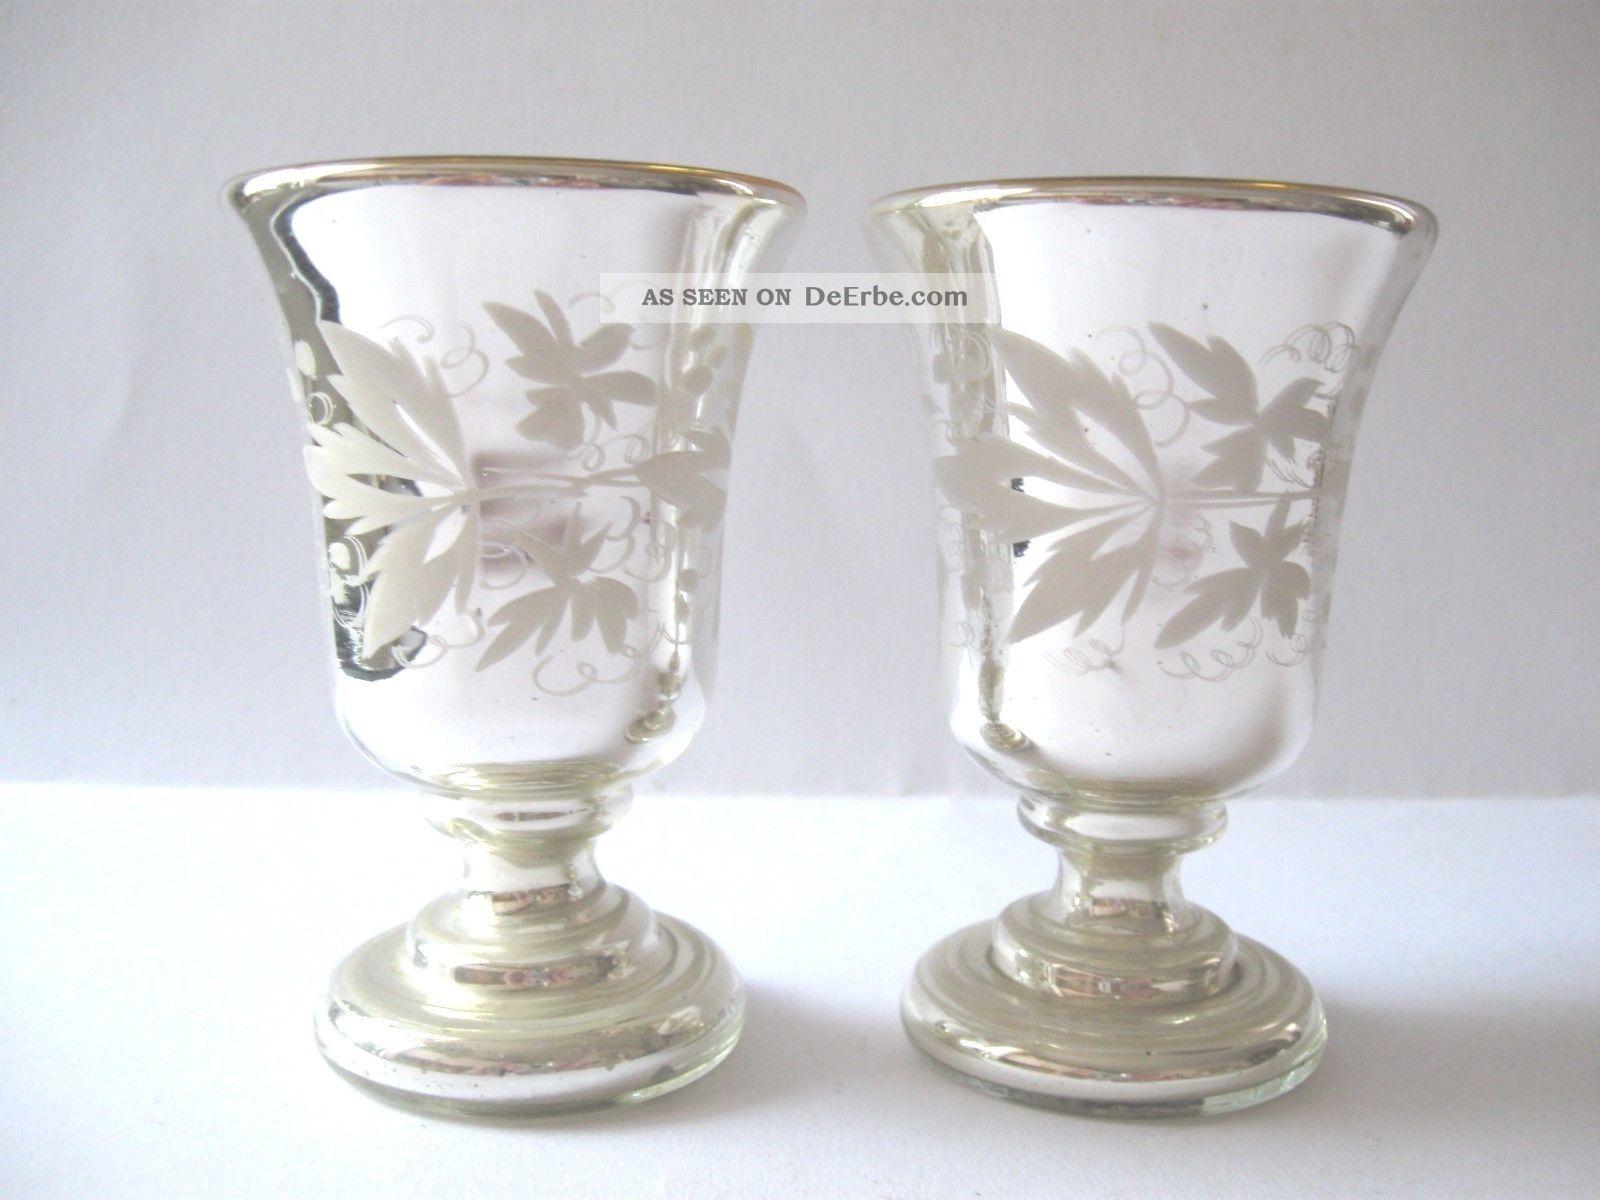 2 Alte Bauernsilber Pokale / Fuß - Becher - Blumendekor - Innen Vergoldet Top Sammlerglas Bild